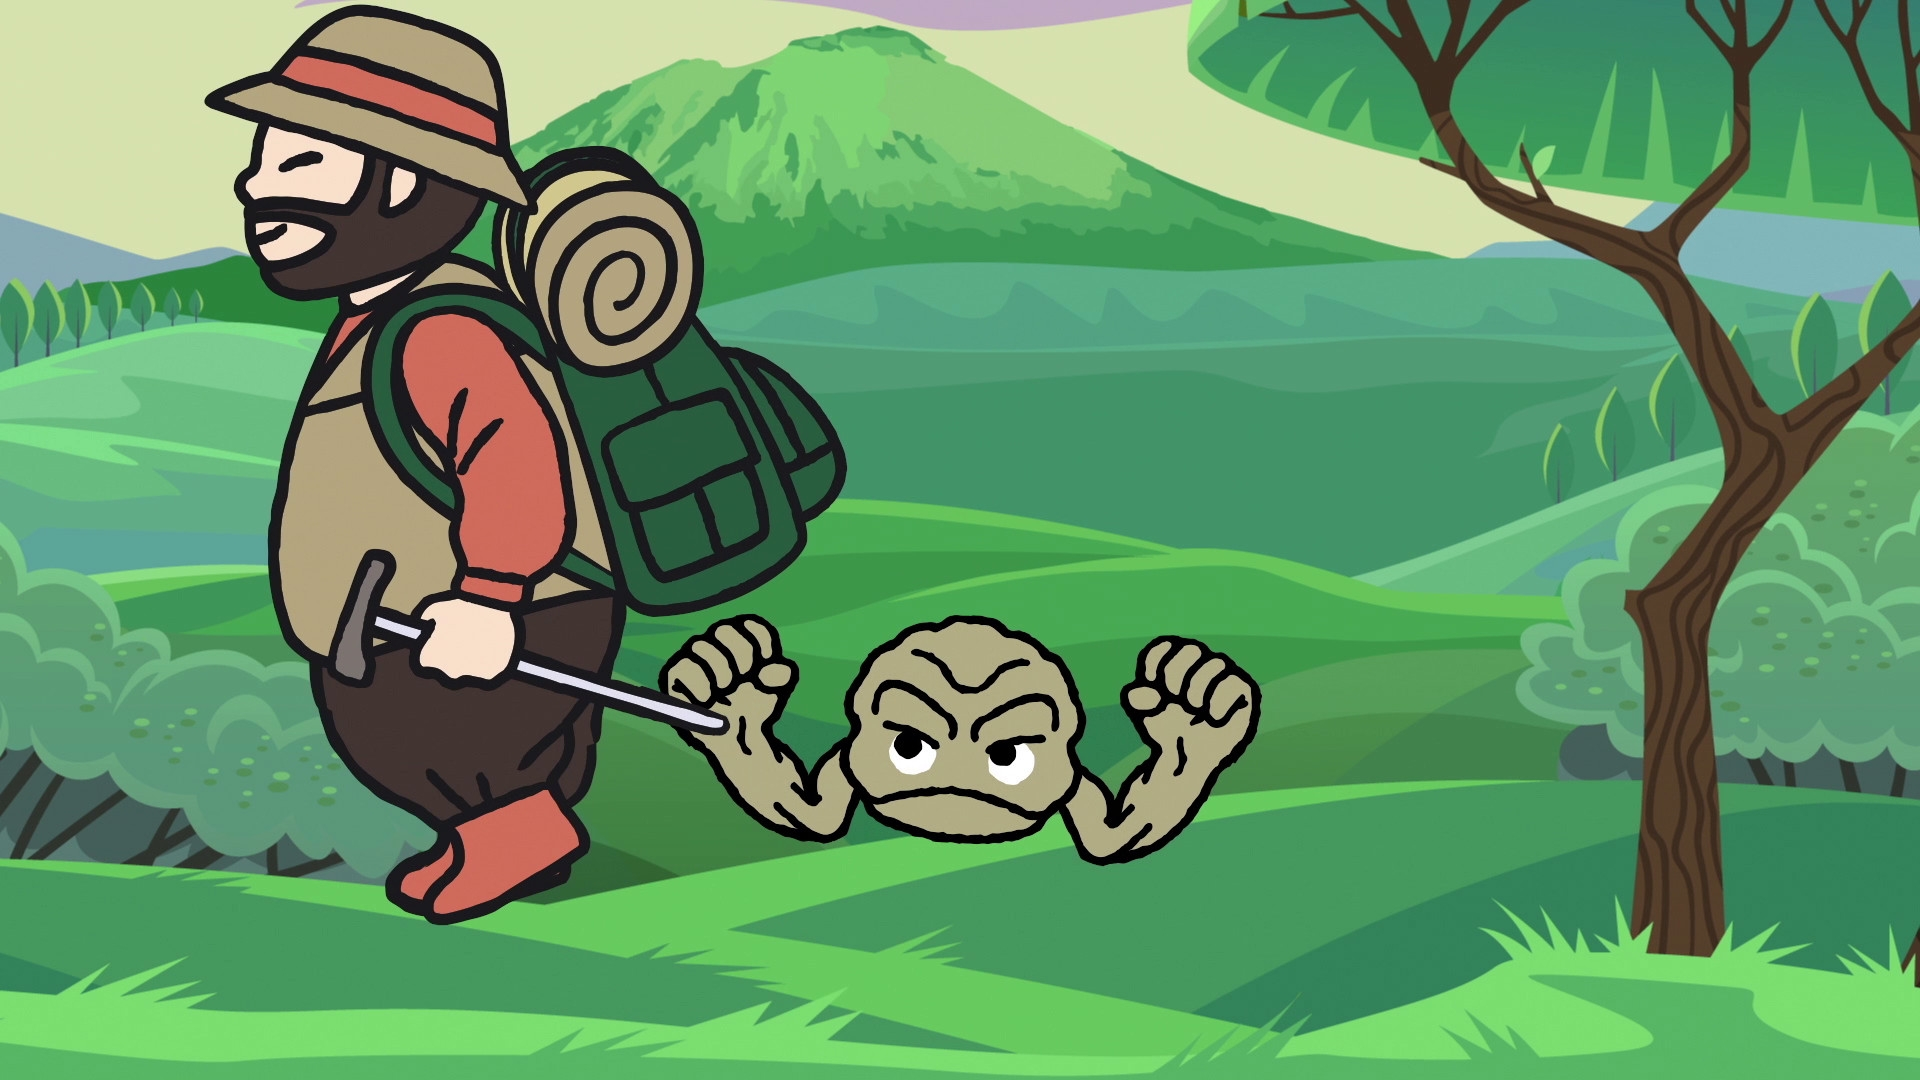 拡大画像 ポケモンのイシツブテが岩手県の応援ポケモンに就任 Let S Go イシツブテin いわて を開催決定 15 Game Watch